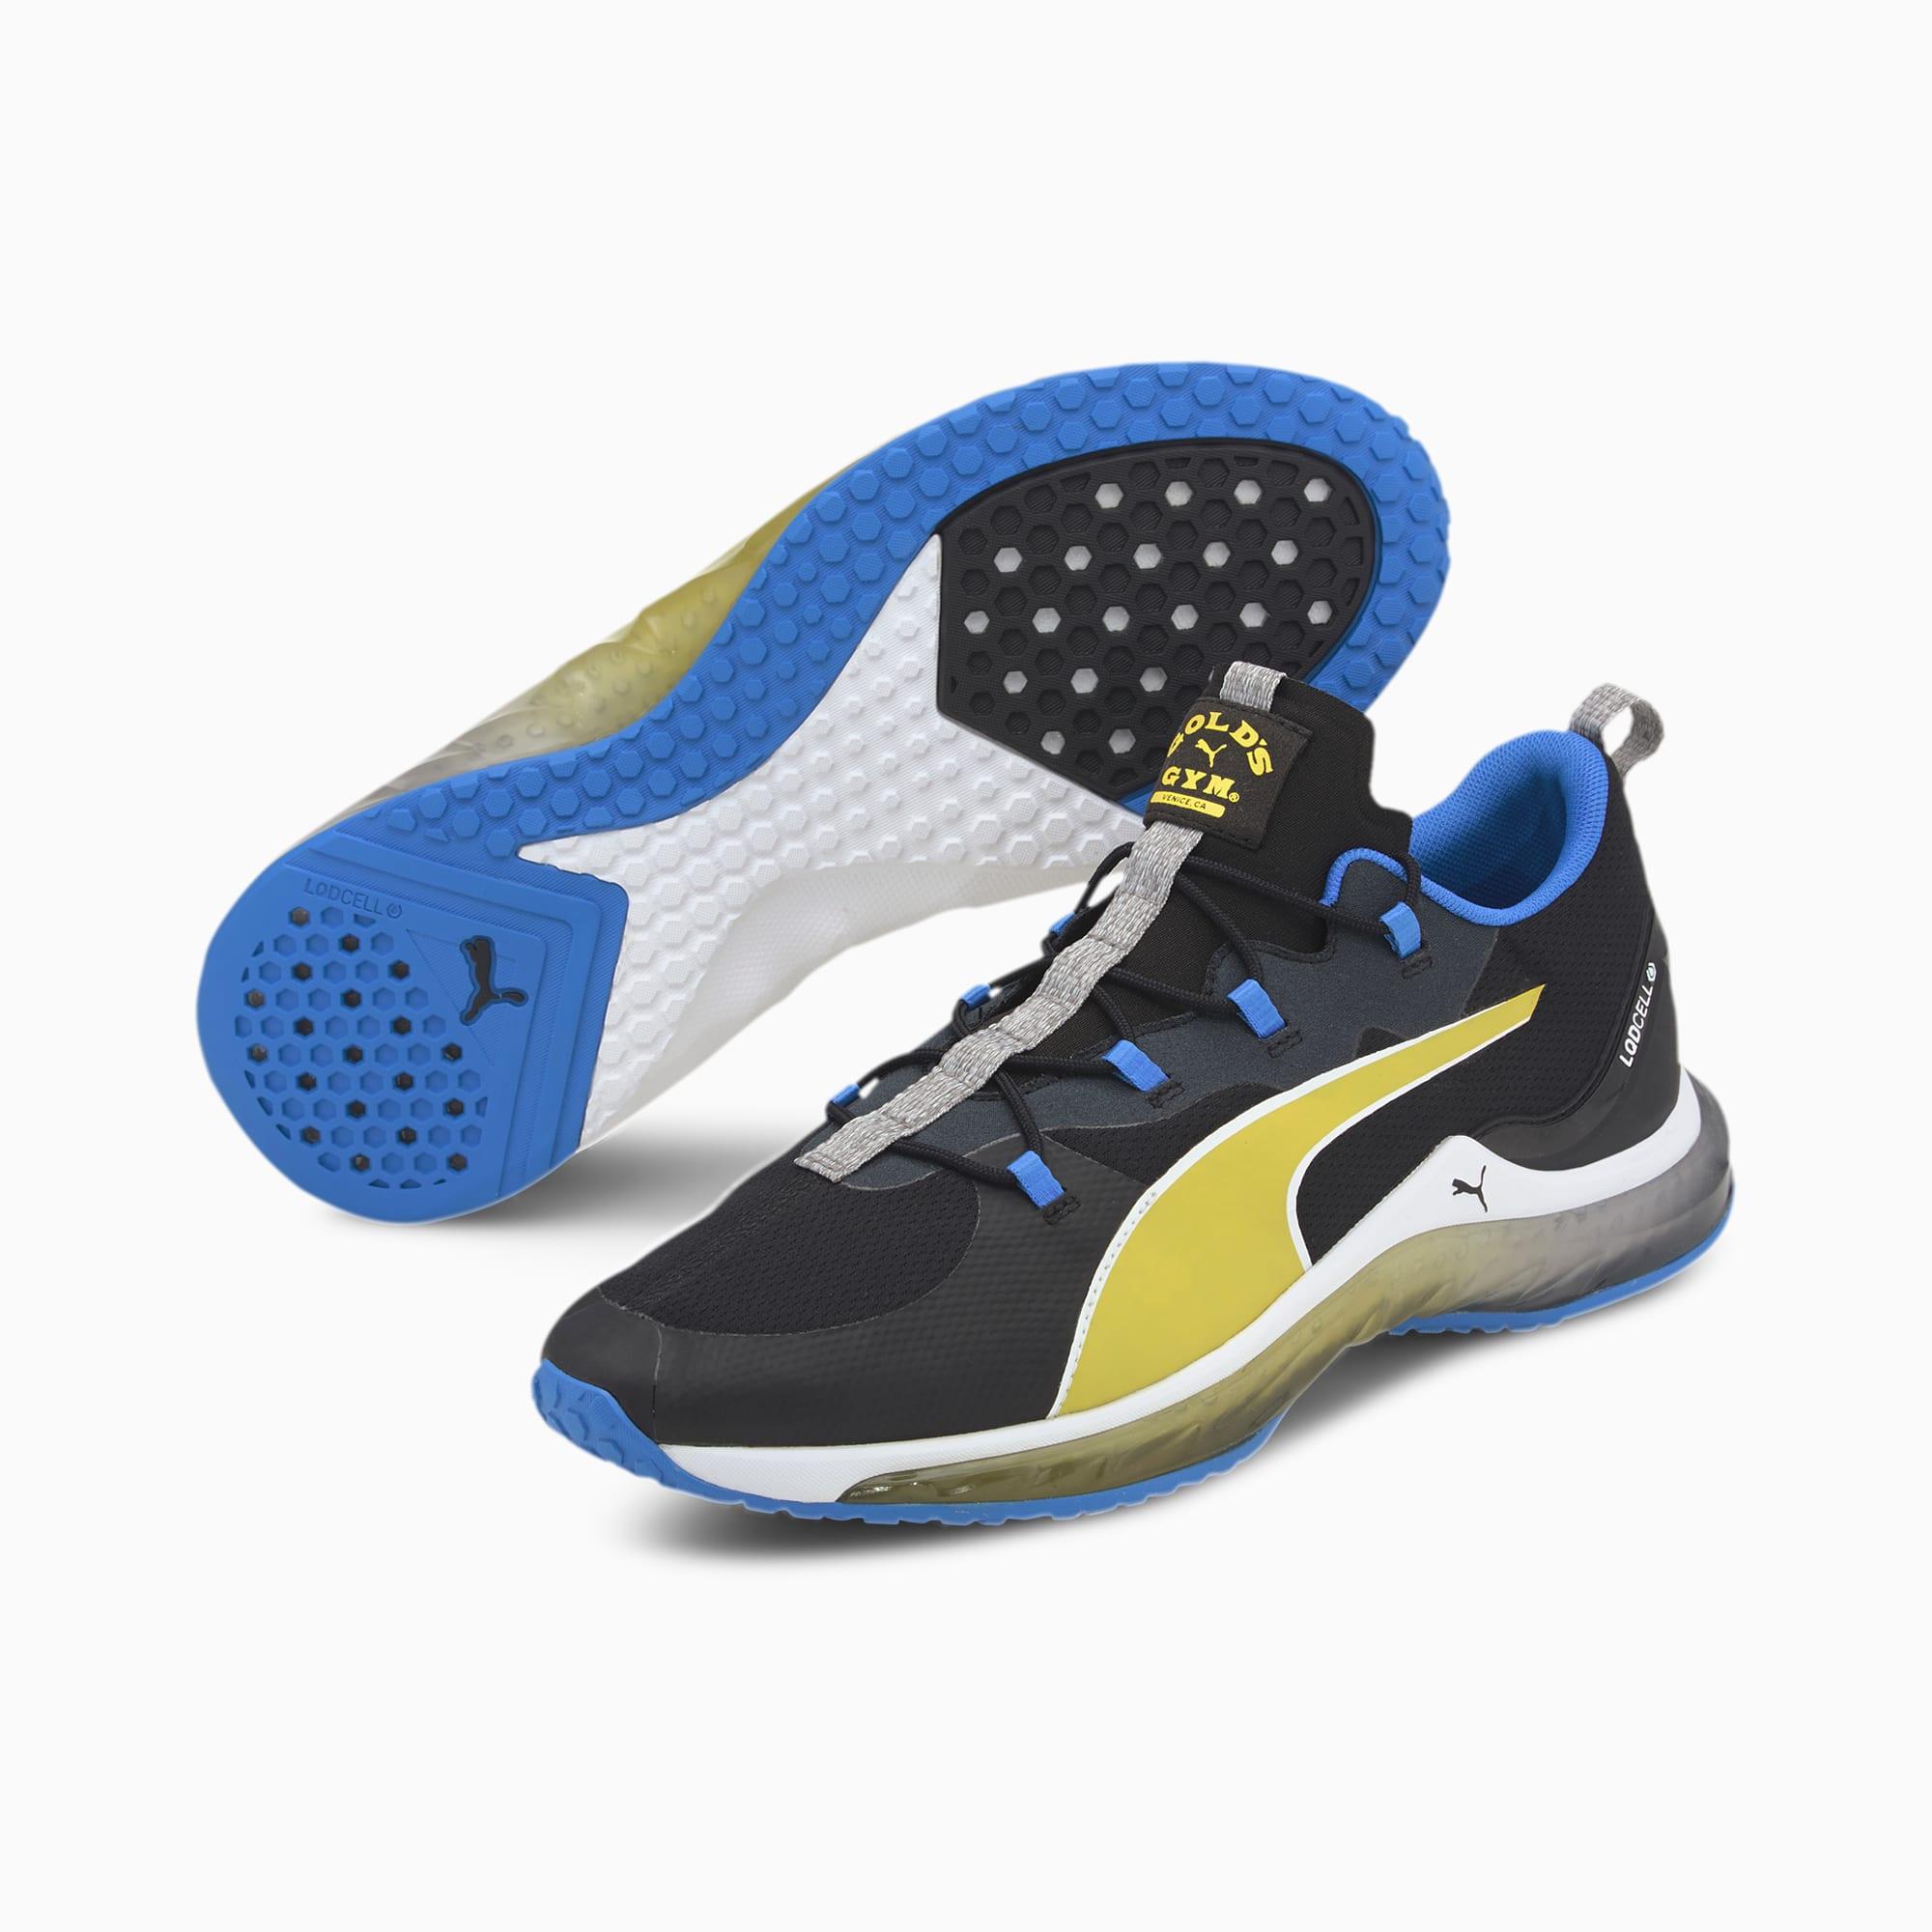 Chaussure pour l'entraînement PUMA x GOLD'S GYM LQDCELL Hydra pour homme